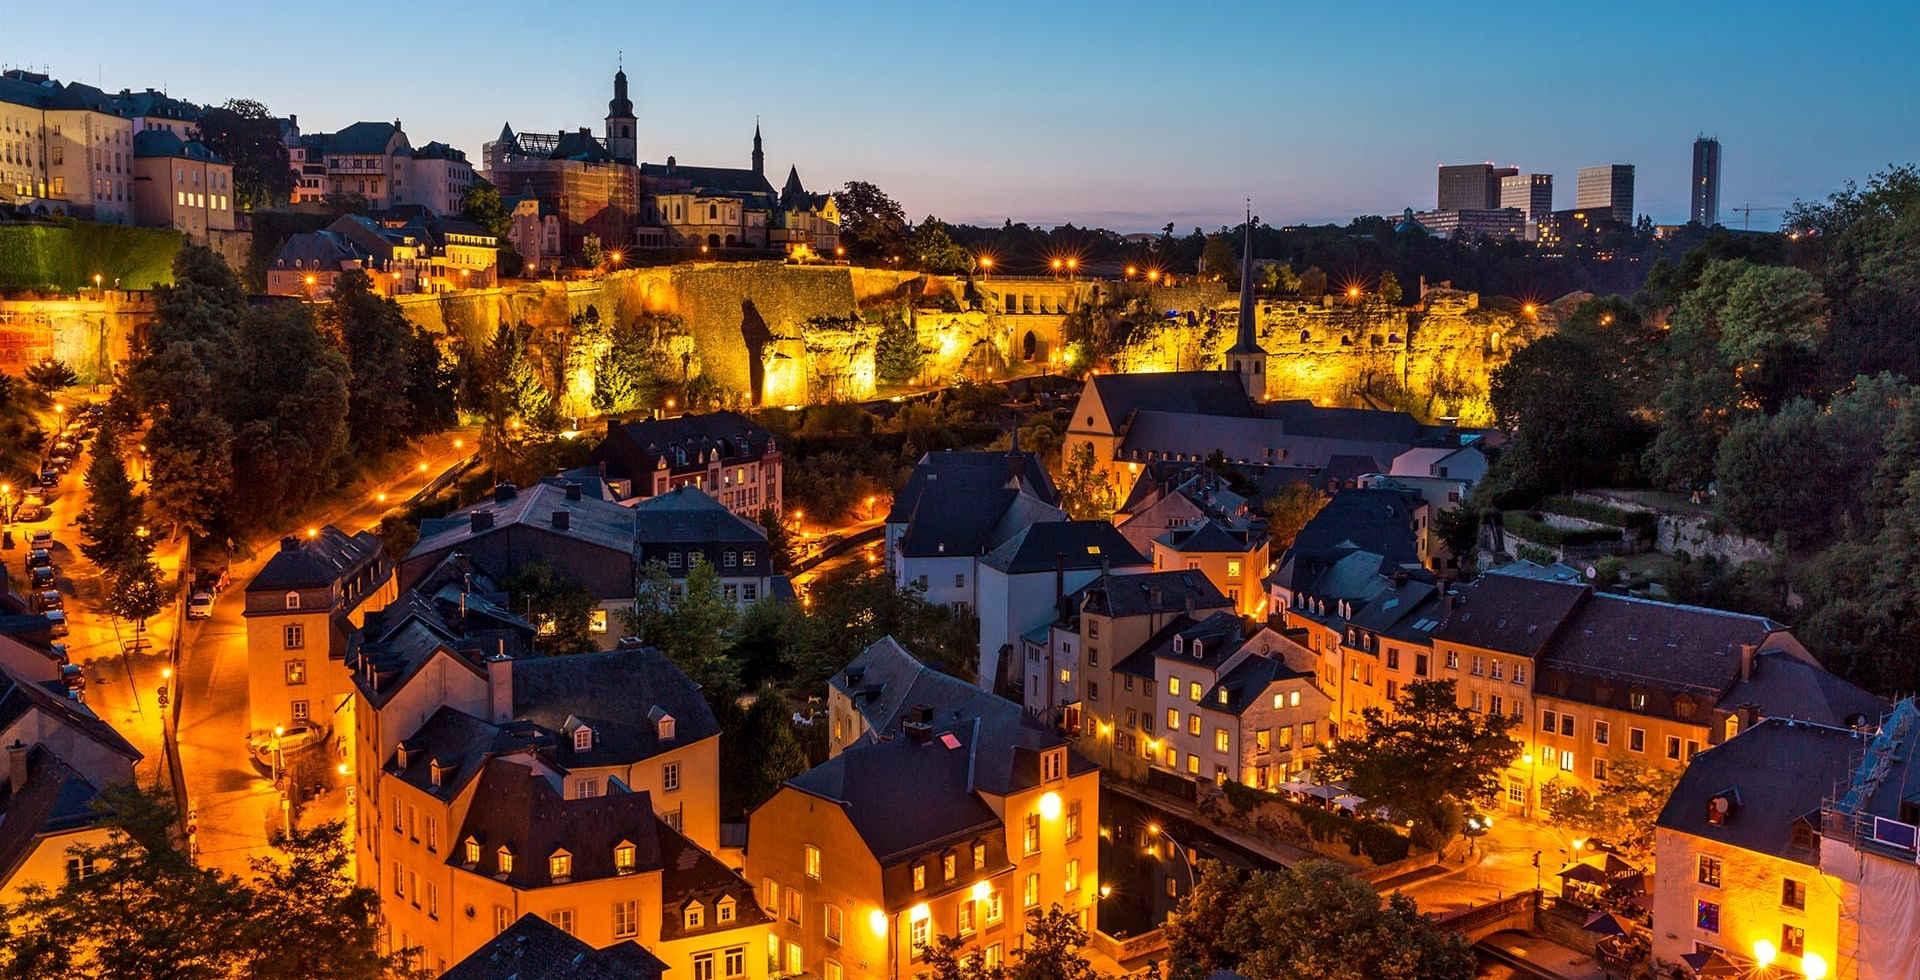 Città di Lussemburgo - Lussemburgo